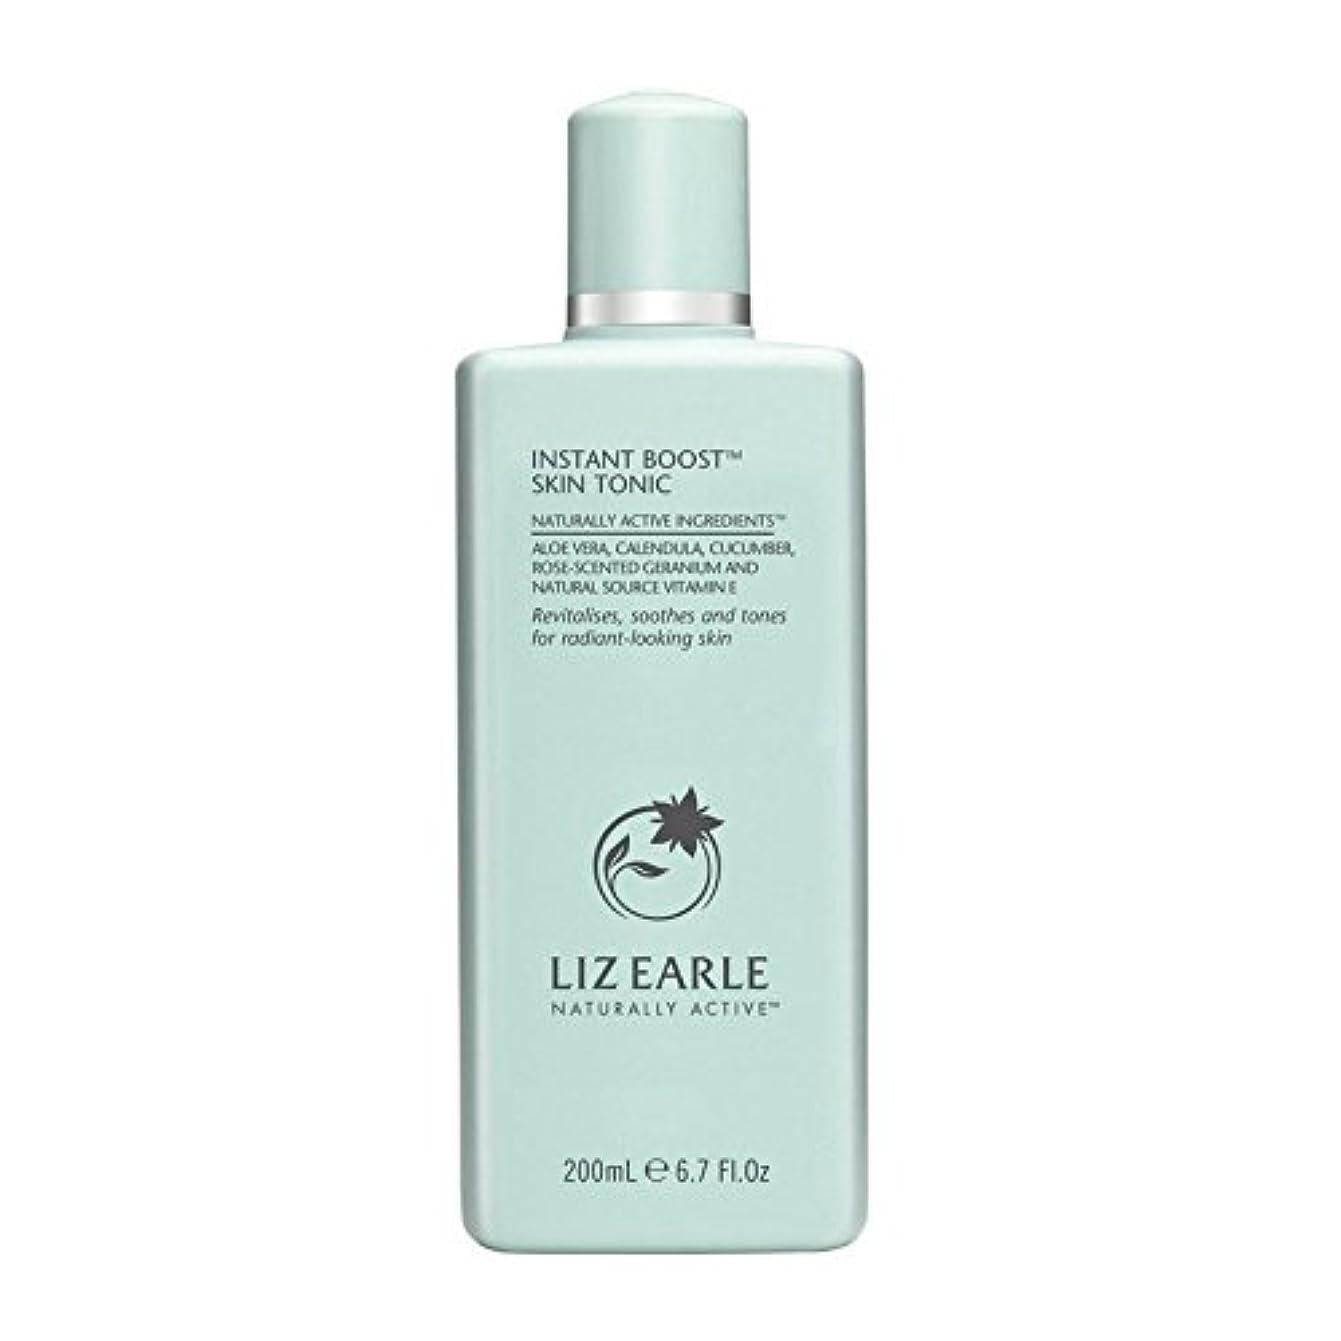 権限させるあそこLiz Earle Instant Boost Skin Tonic Bottle 200ml - リズアールインスタントブーストスキントニックボトル200ミリリットル [並行輸入品]